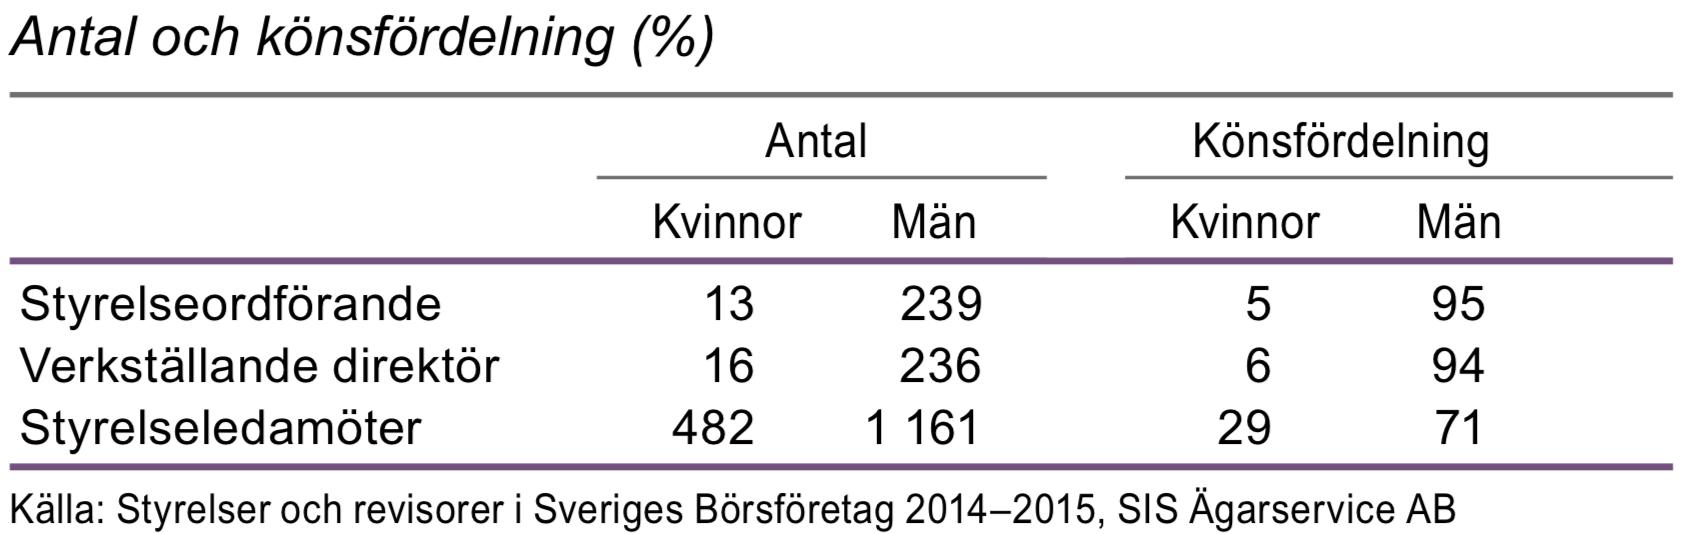 Styrelser och ledning i börsföretag 2015